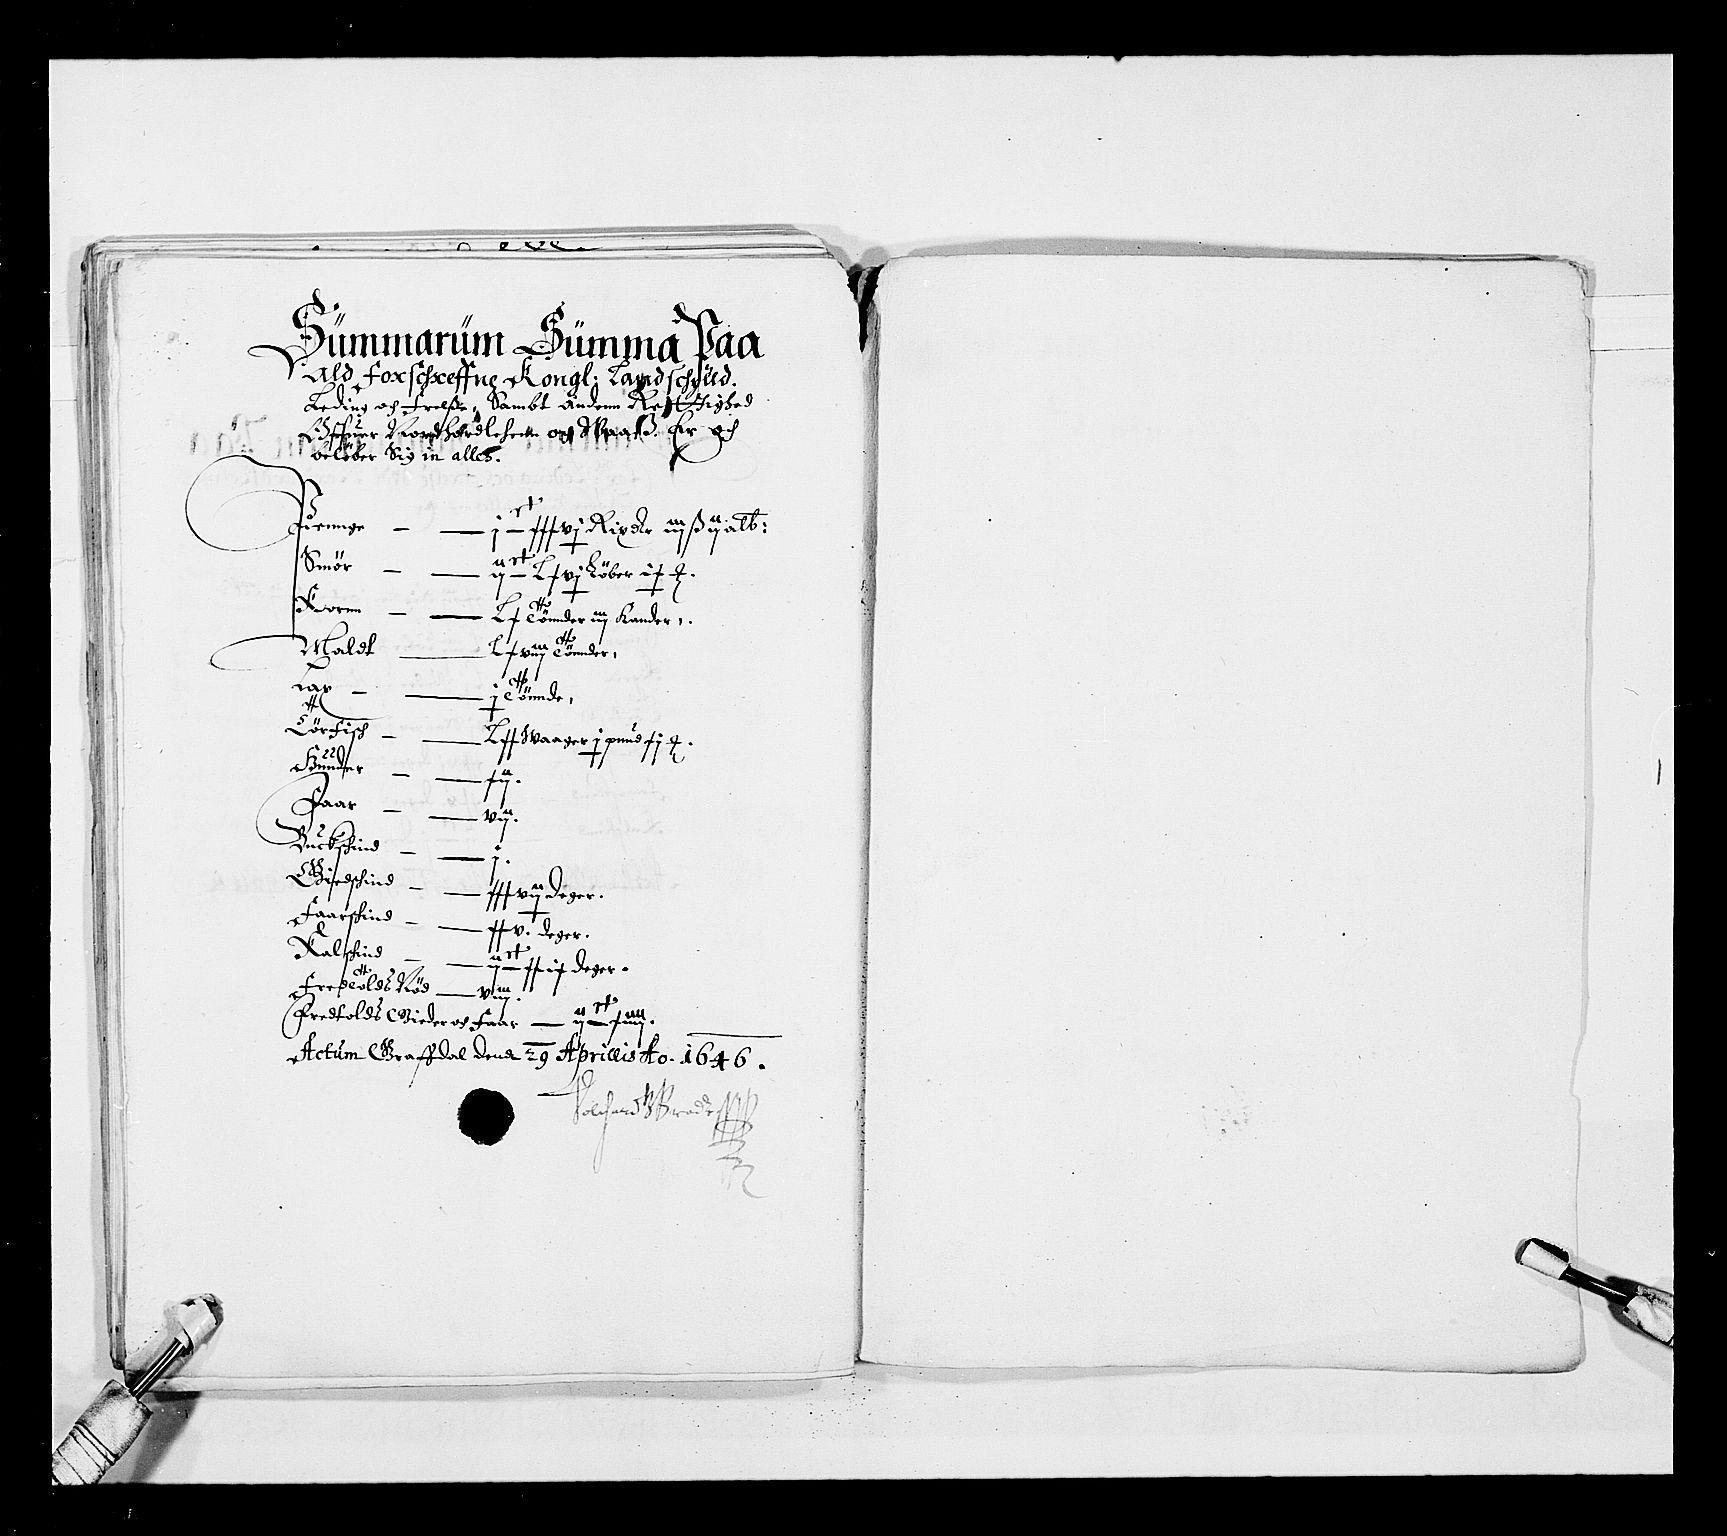 RA, Stattholderembetet 1572-1771, Ek/L0025: Jordebøker 1633-1658:, 1645-1646, s. 112